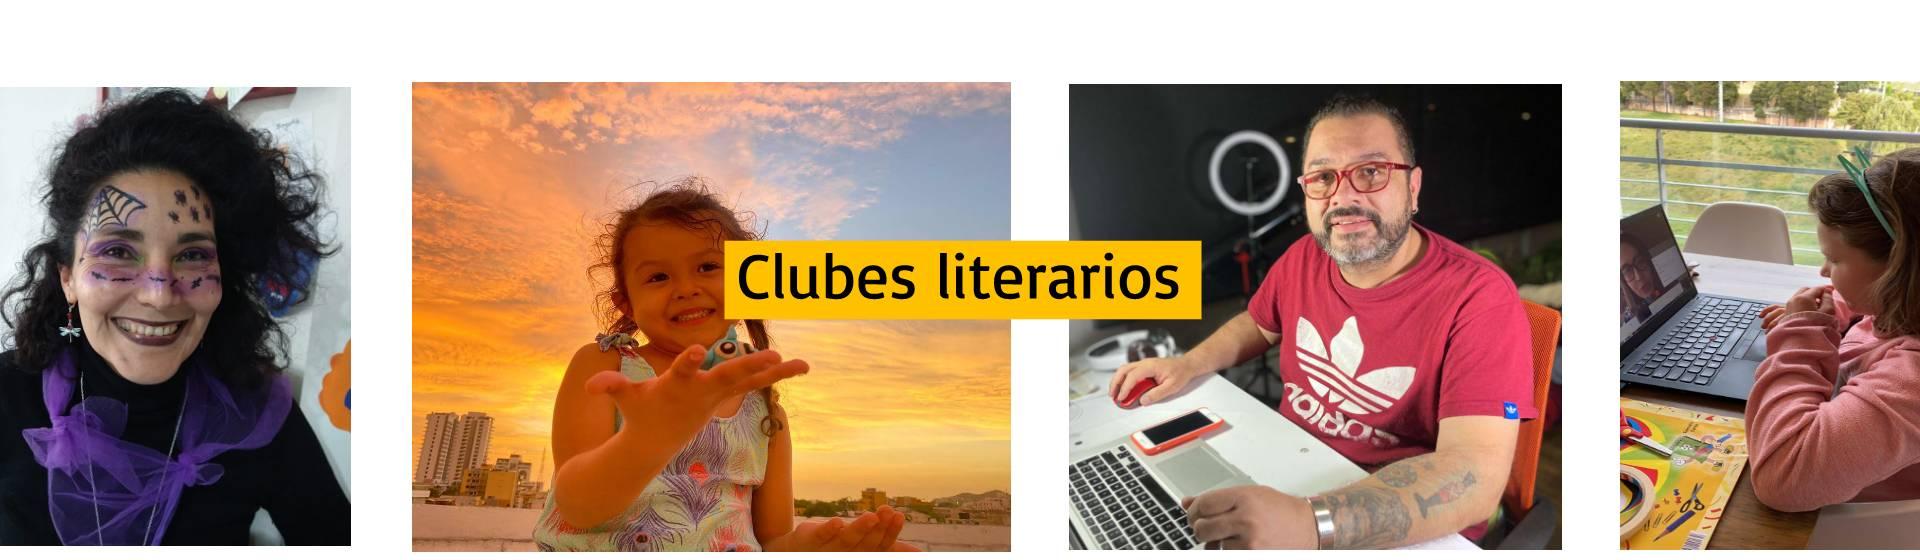 Clubes literarios